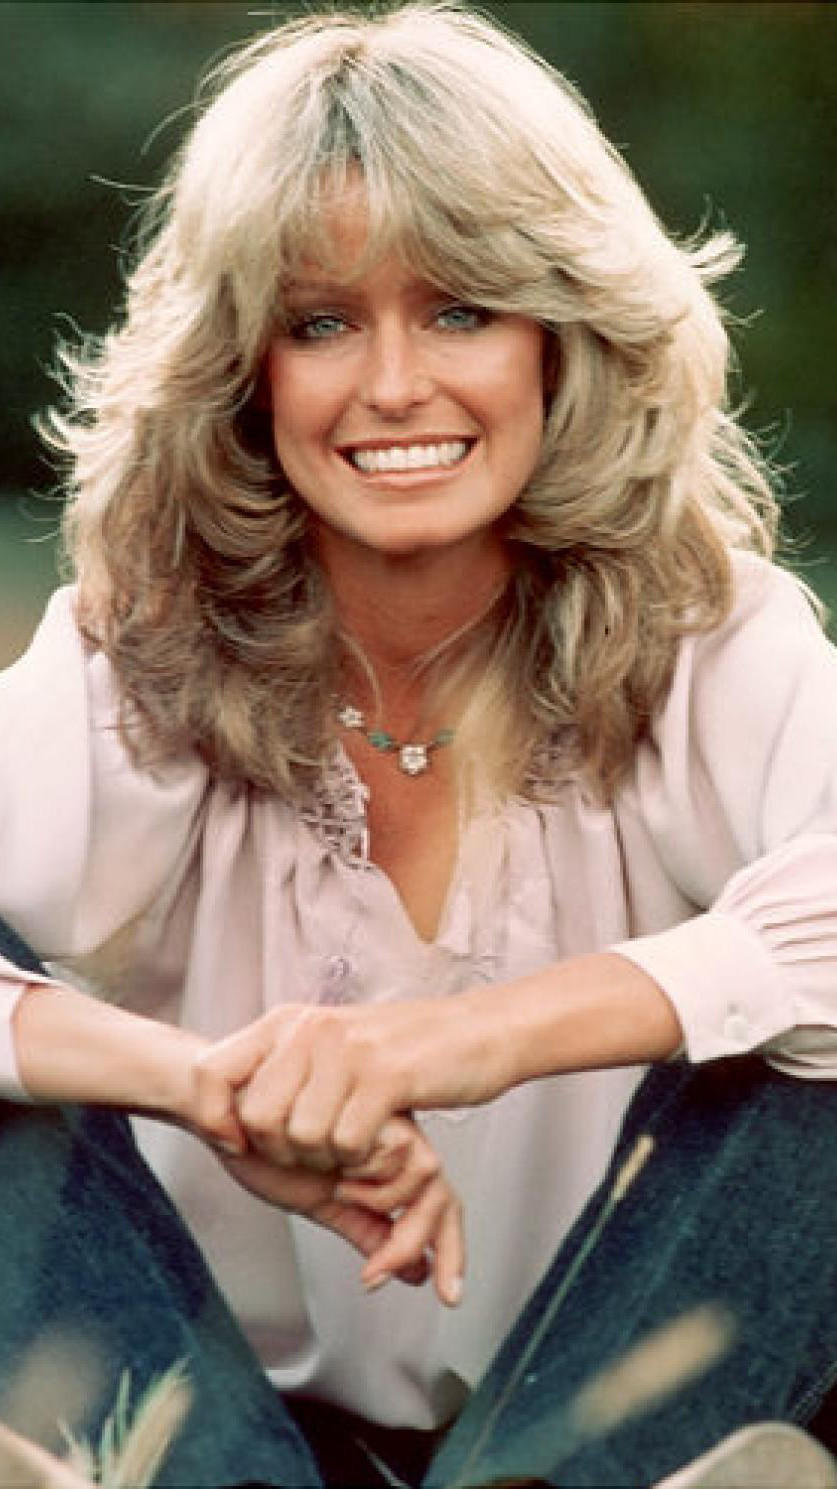 A 70-es évek nagy kedvence lett Charlie egyik angyalának szégyentelenül nőies, hullámos hajzuhataga, amely pont az ellentéte, az addig divatos, szögegyenes hajnak.